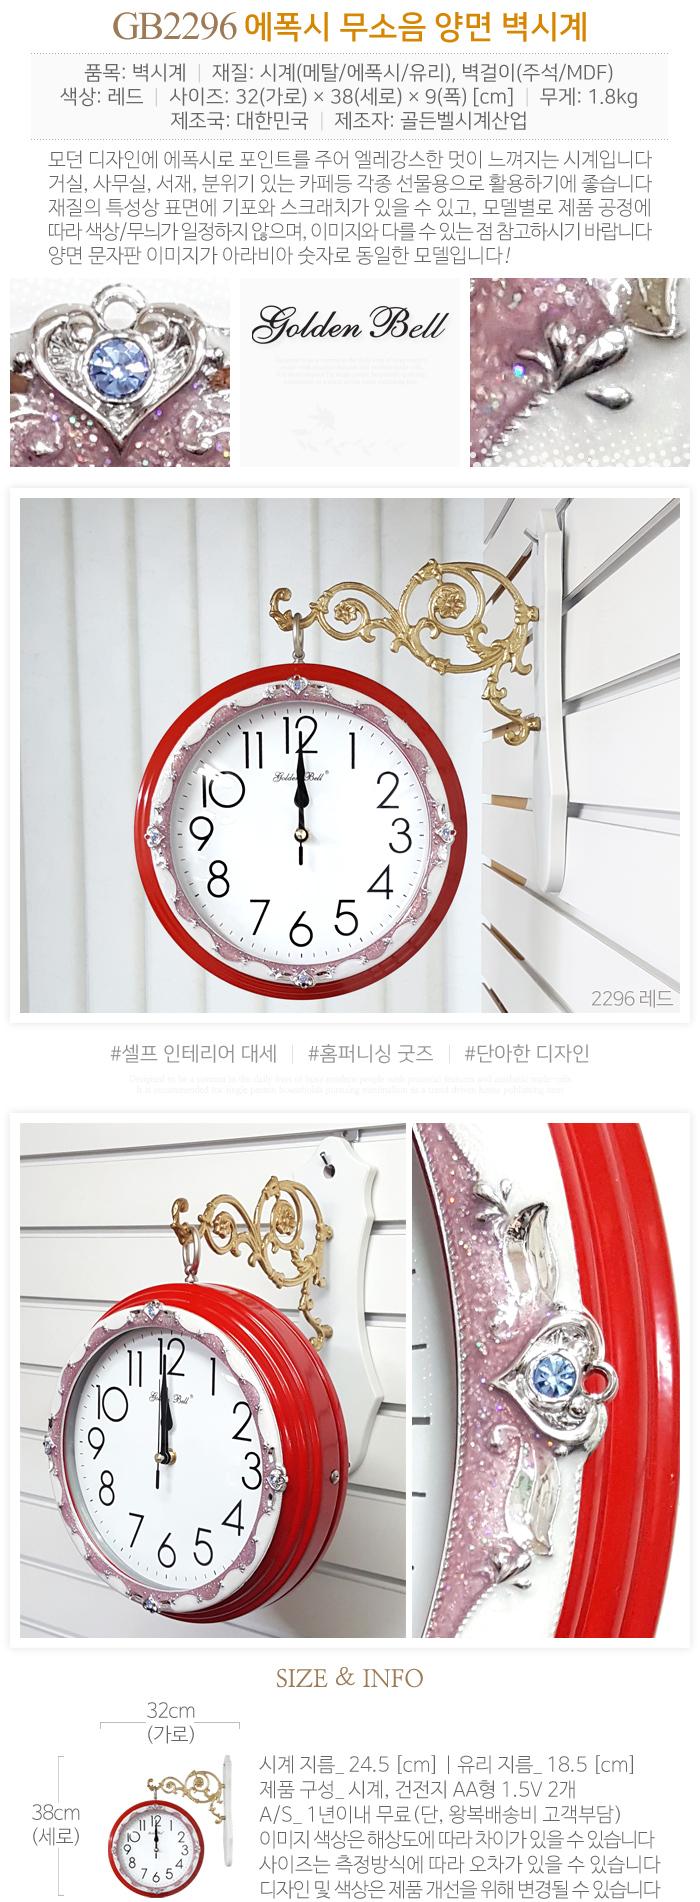 러블리 무소음 양면시계 (3종) - 골든벨시계, 127,000원, 양면시계, 모던